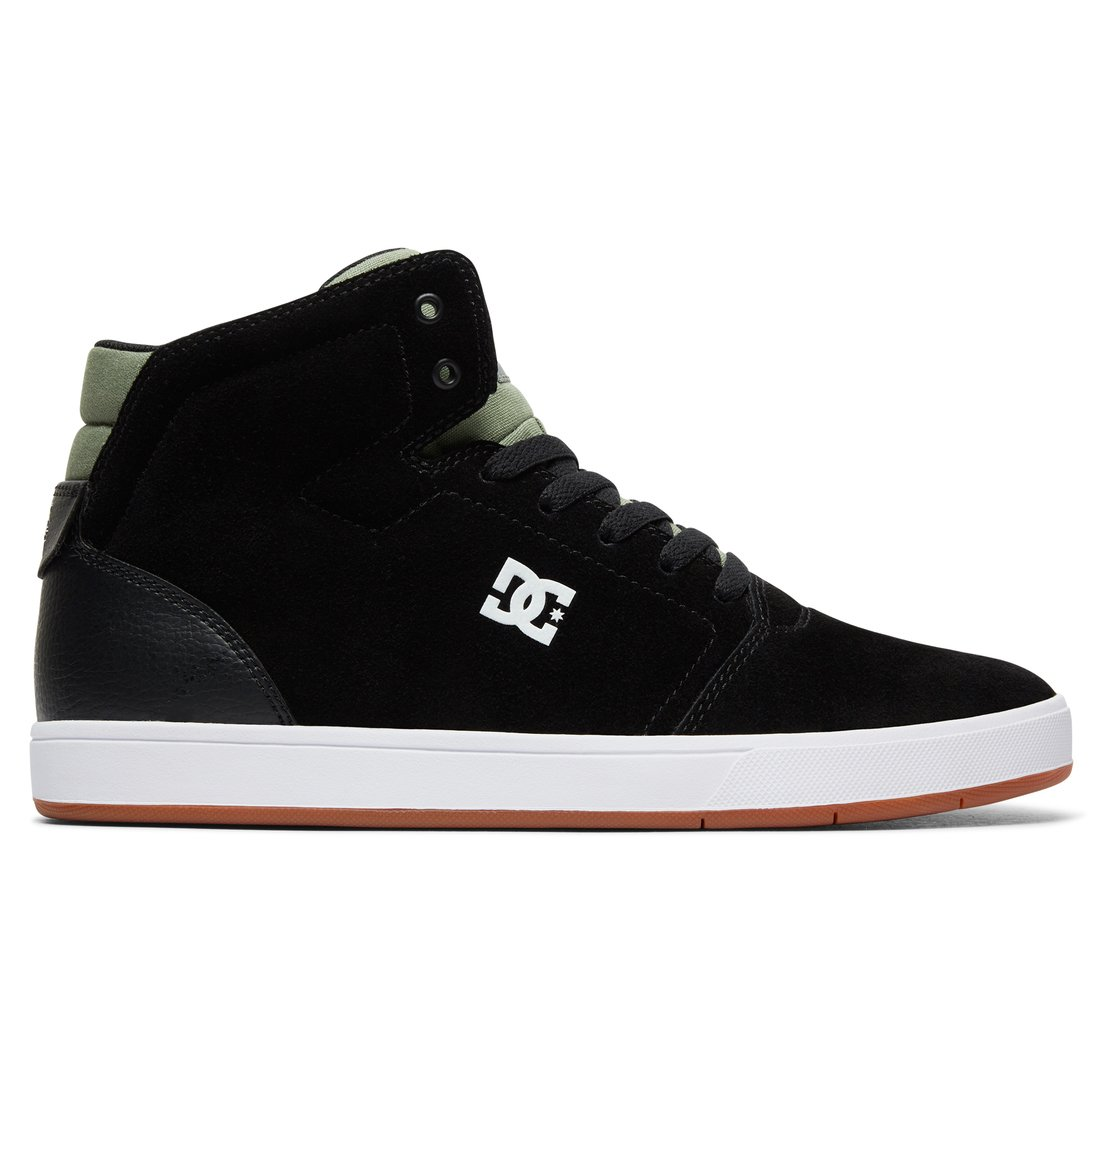 dc shoes Crisis - Scarpe alte da Uomo - Black - DC Shoes